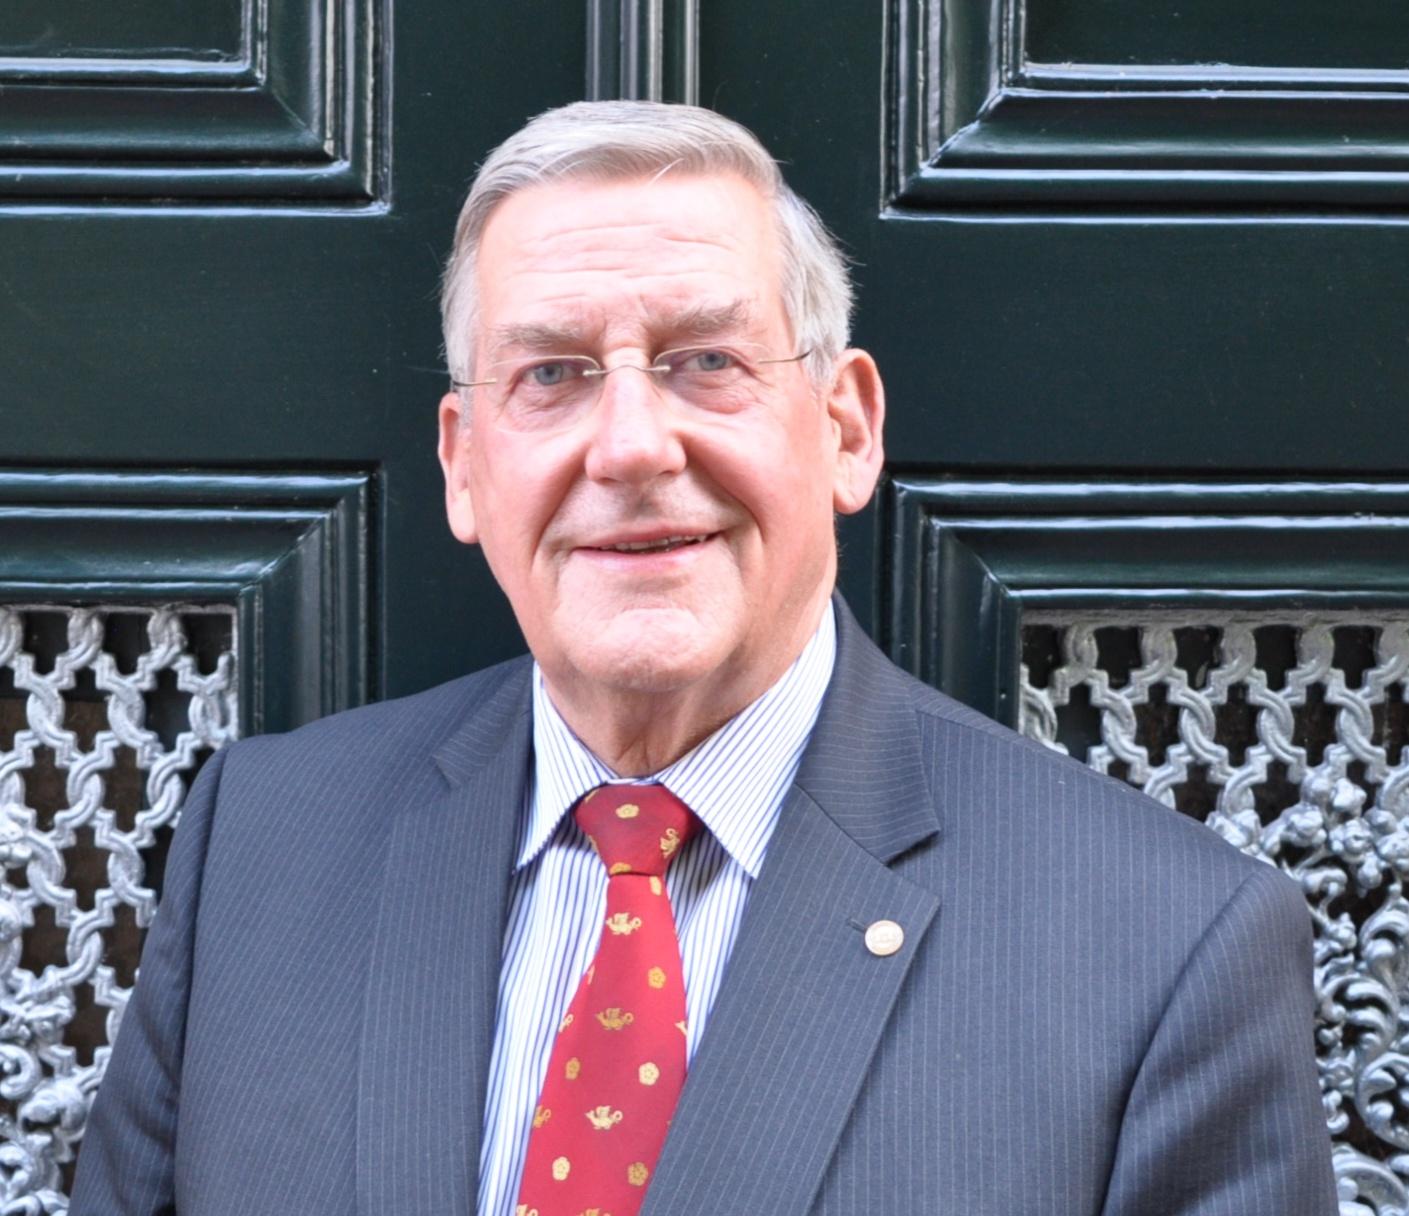 Johan G. de Groot